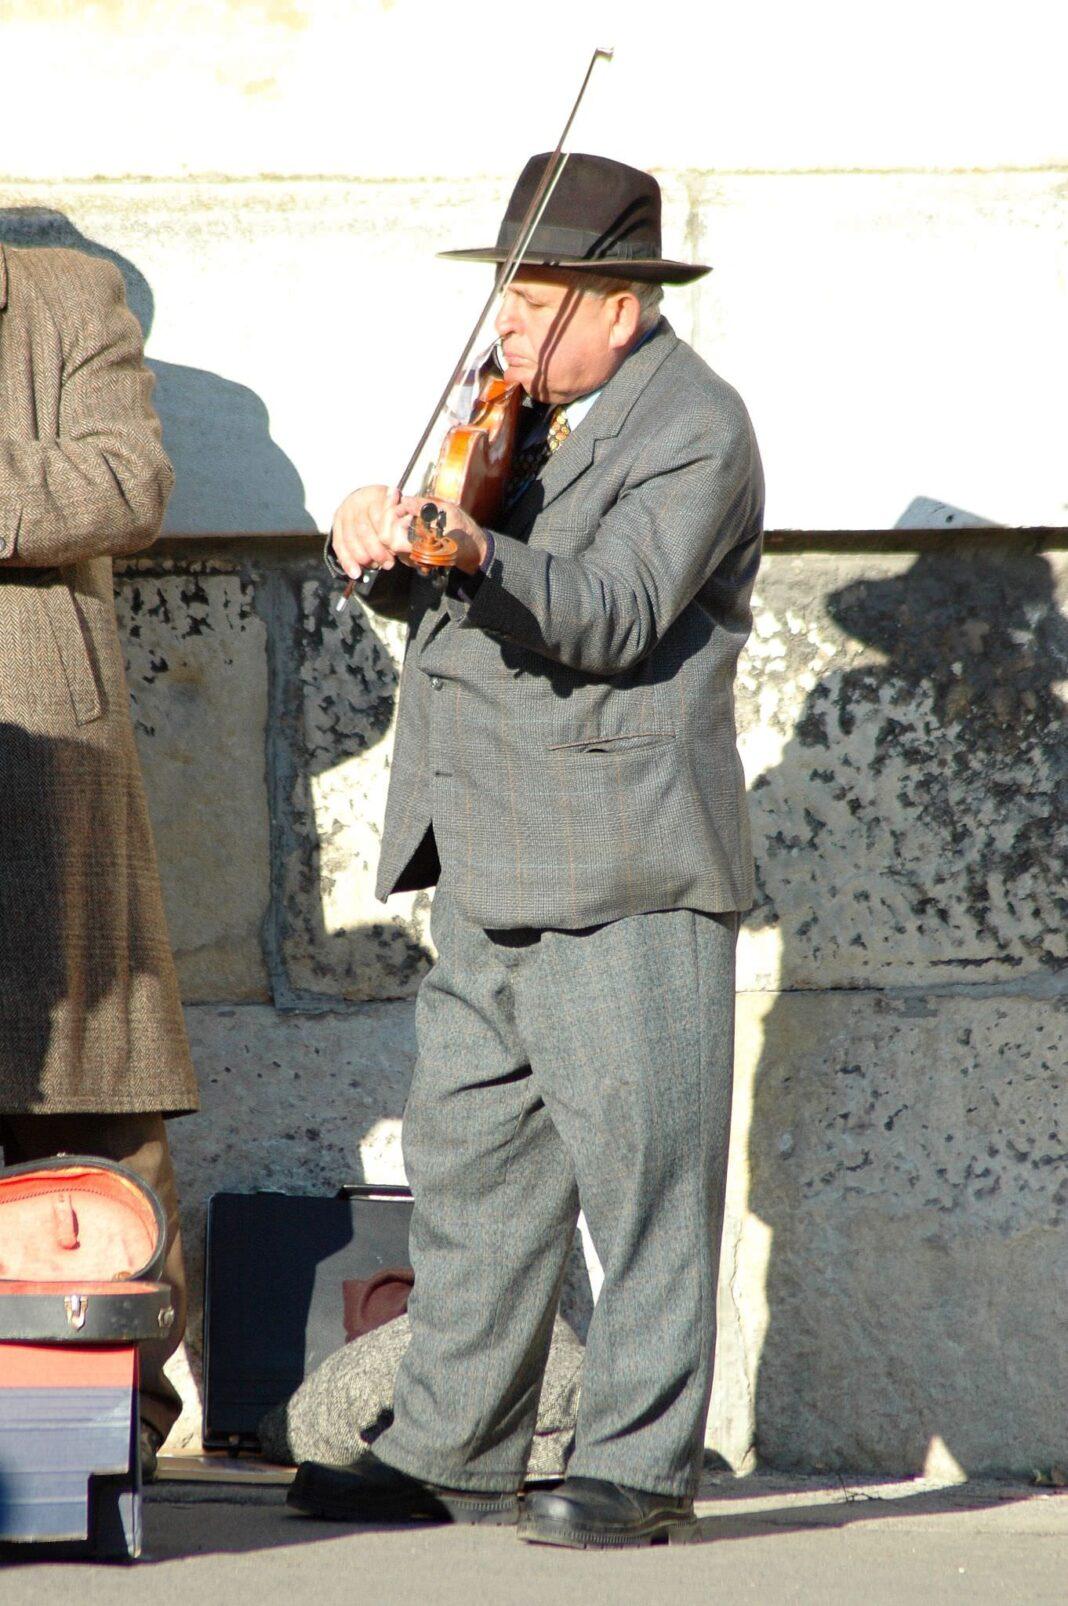 Cuentos para pensar: el violinista